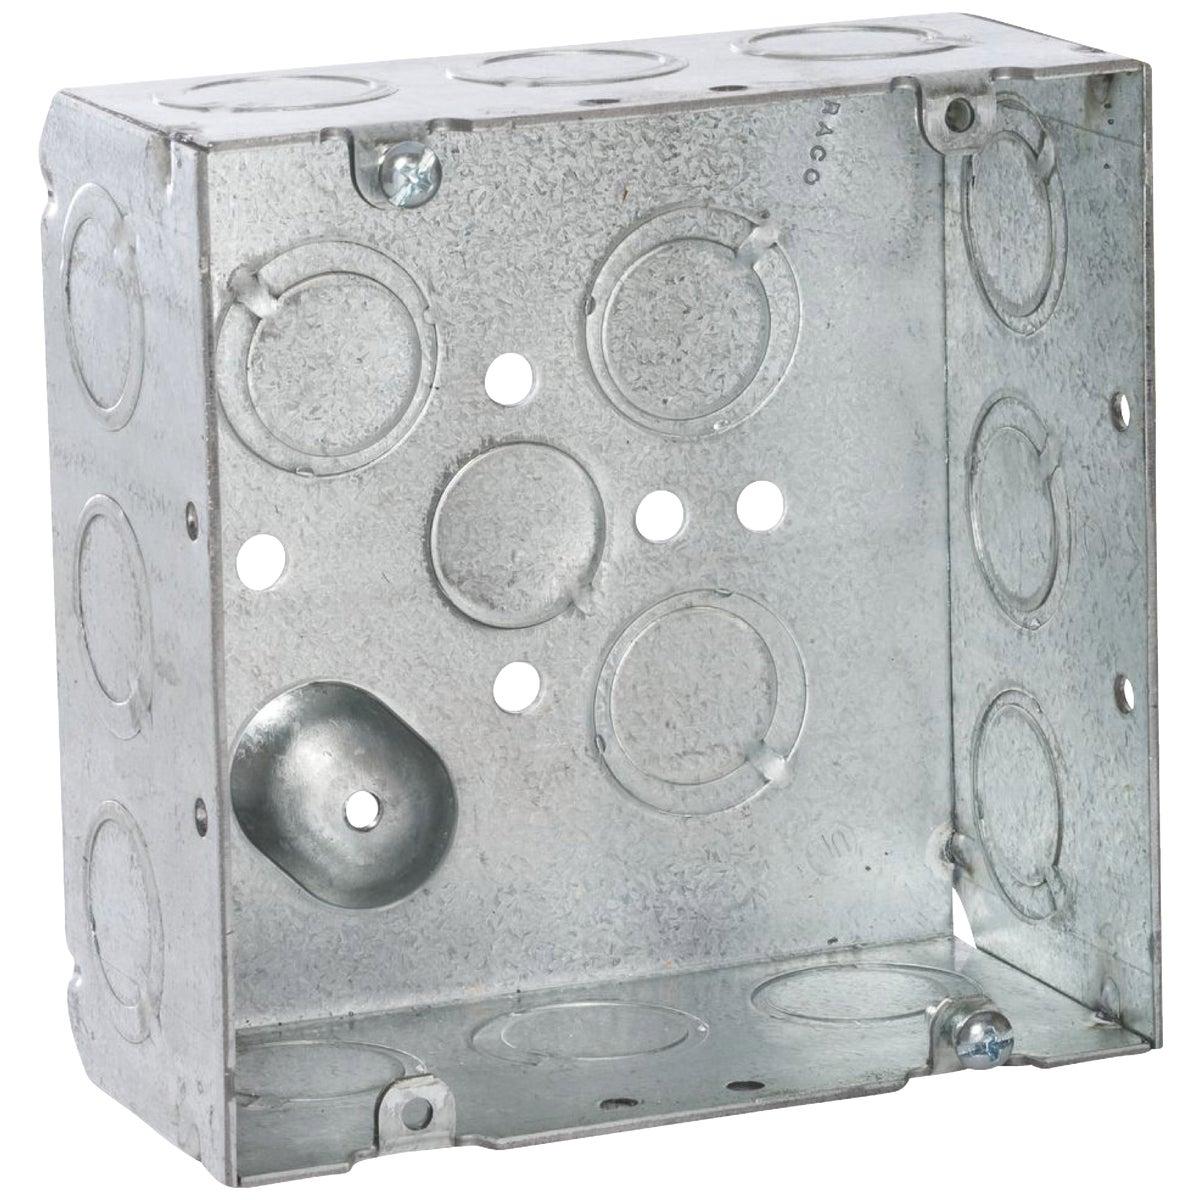 4-11/16 SQUARE BOX